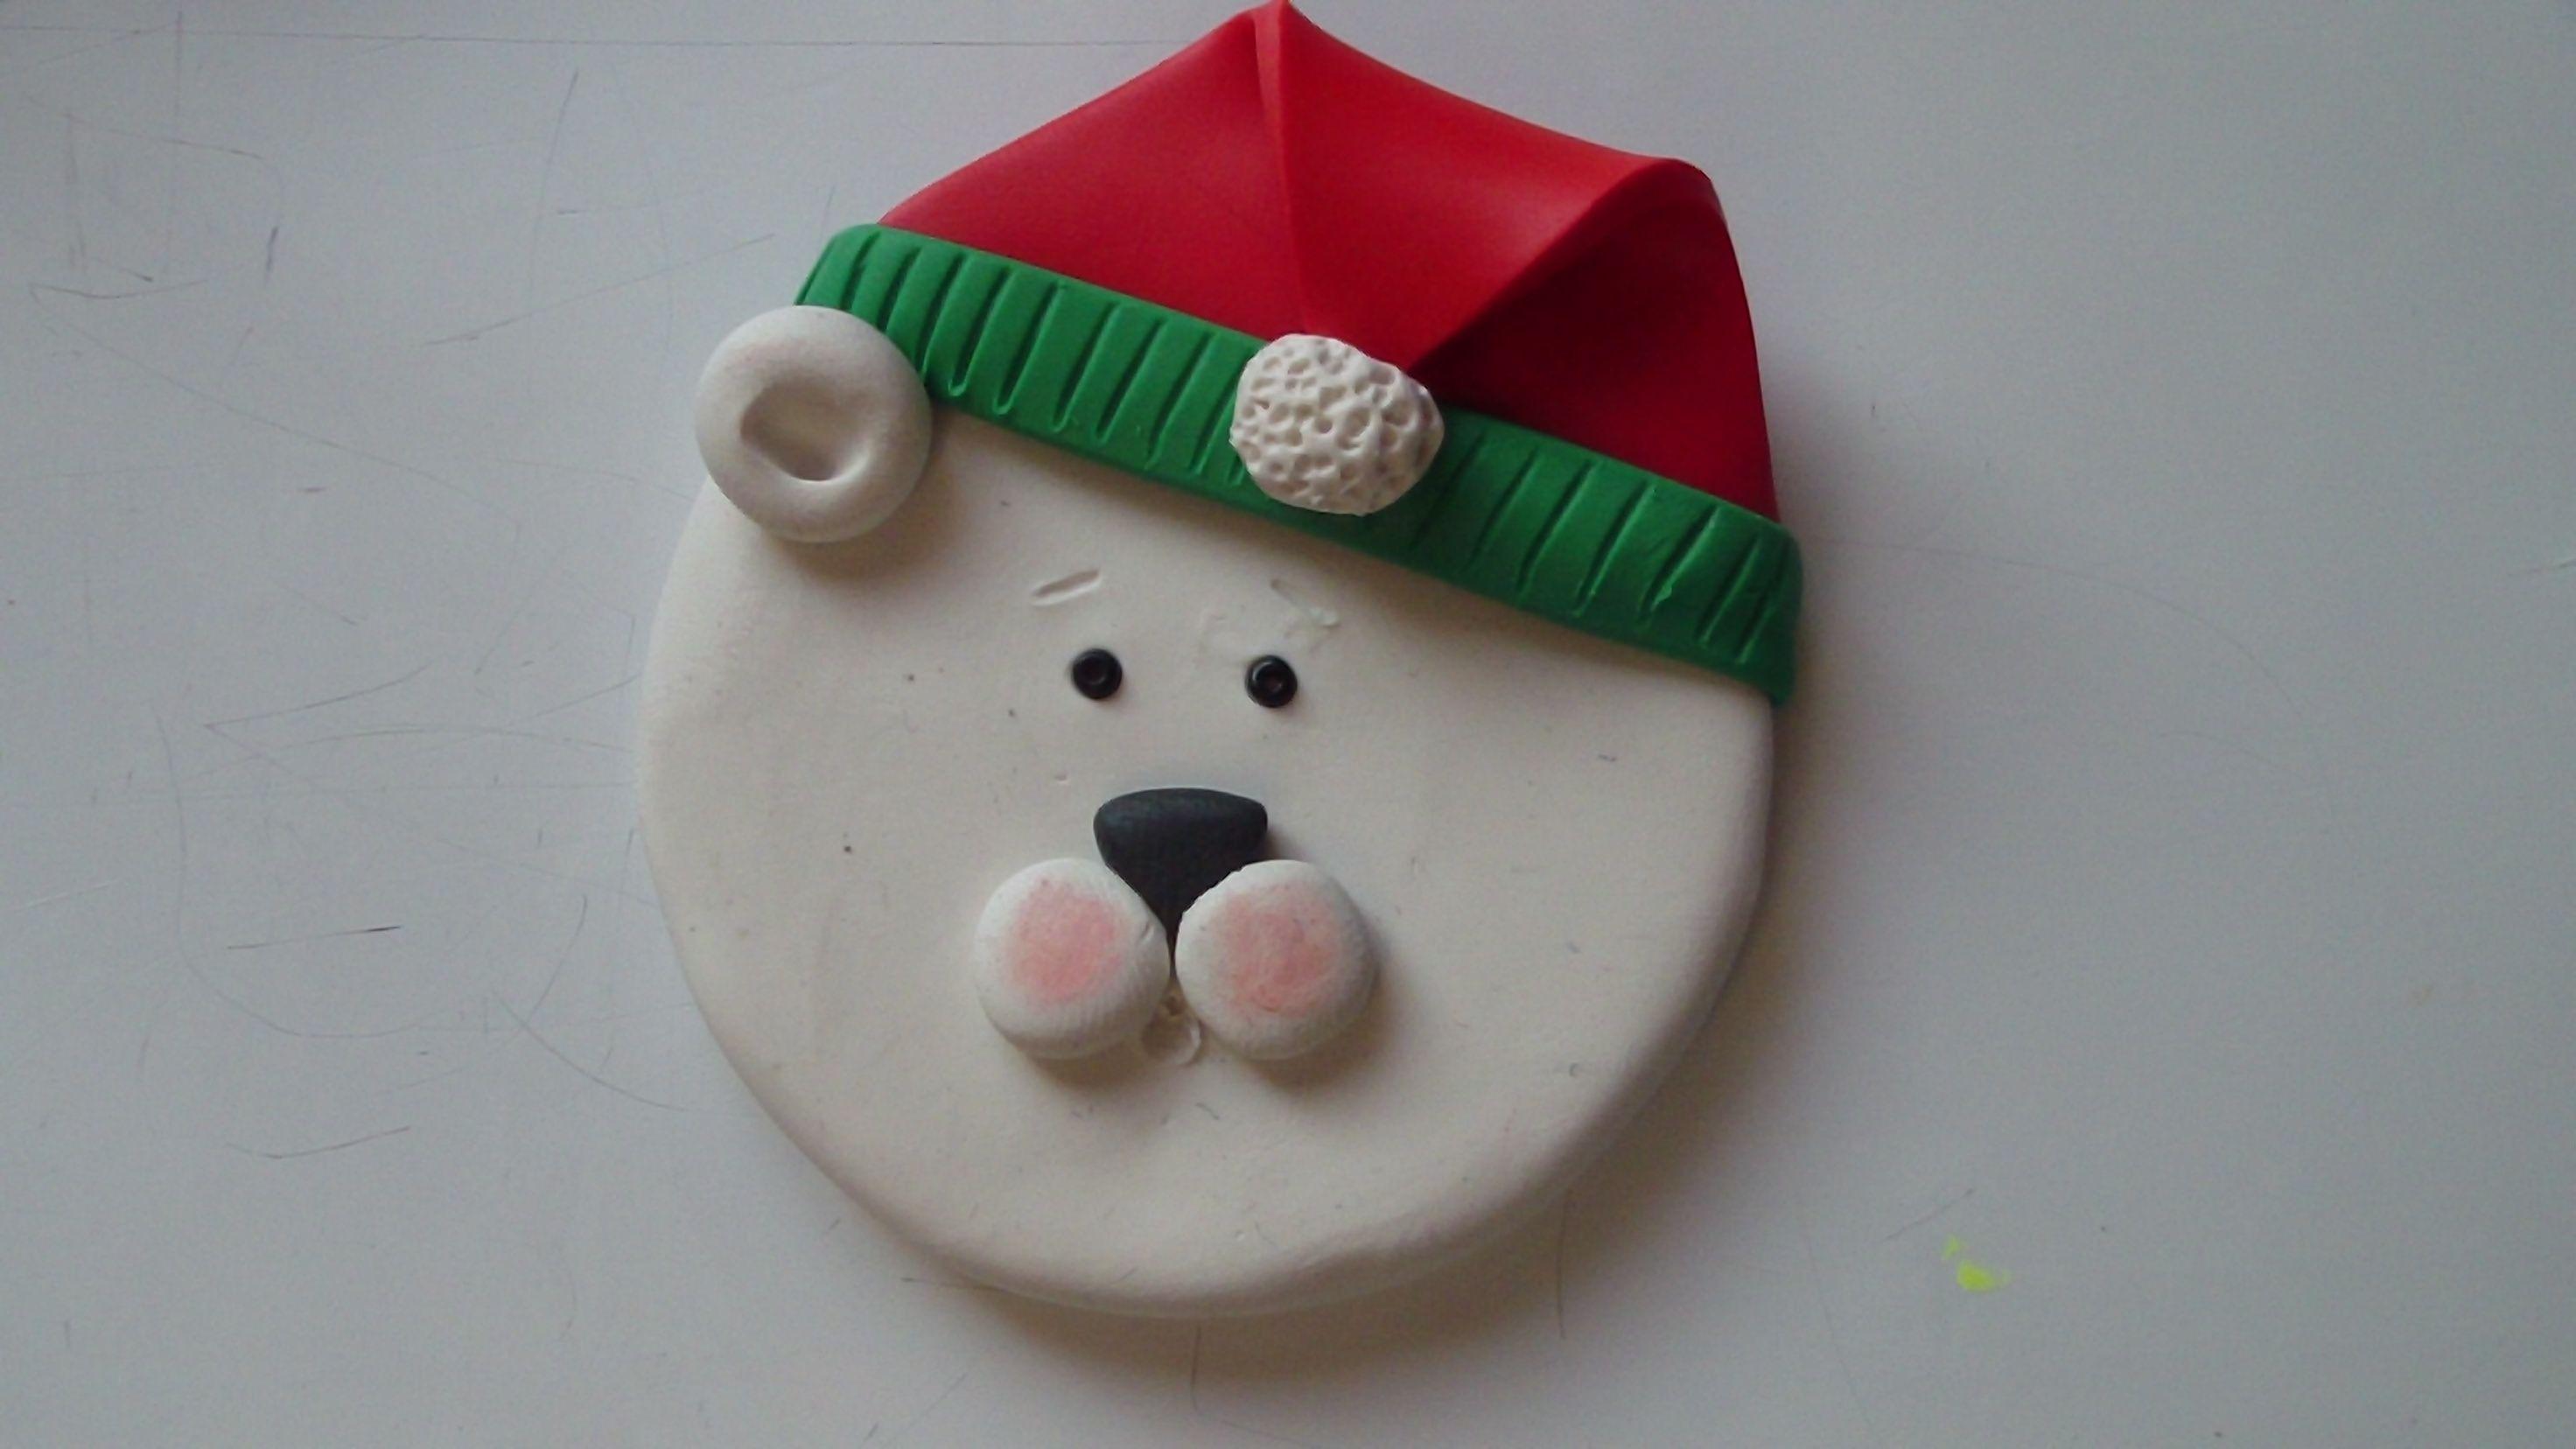 Handmade polymer polar bear ornament with mirror on back.